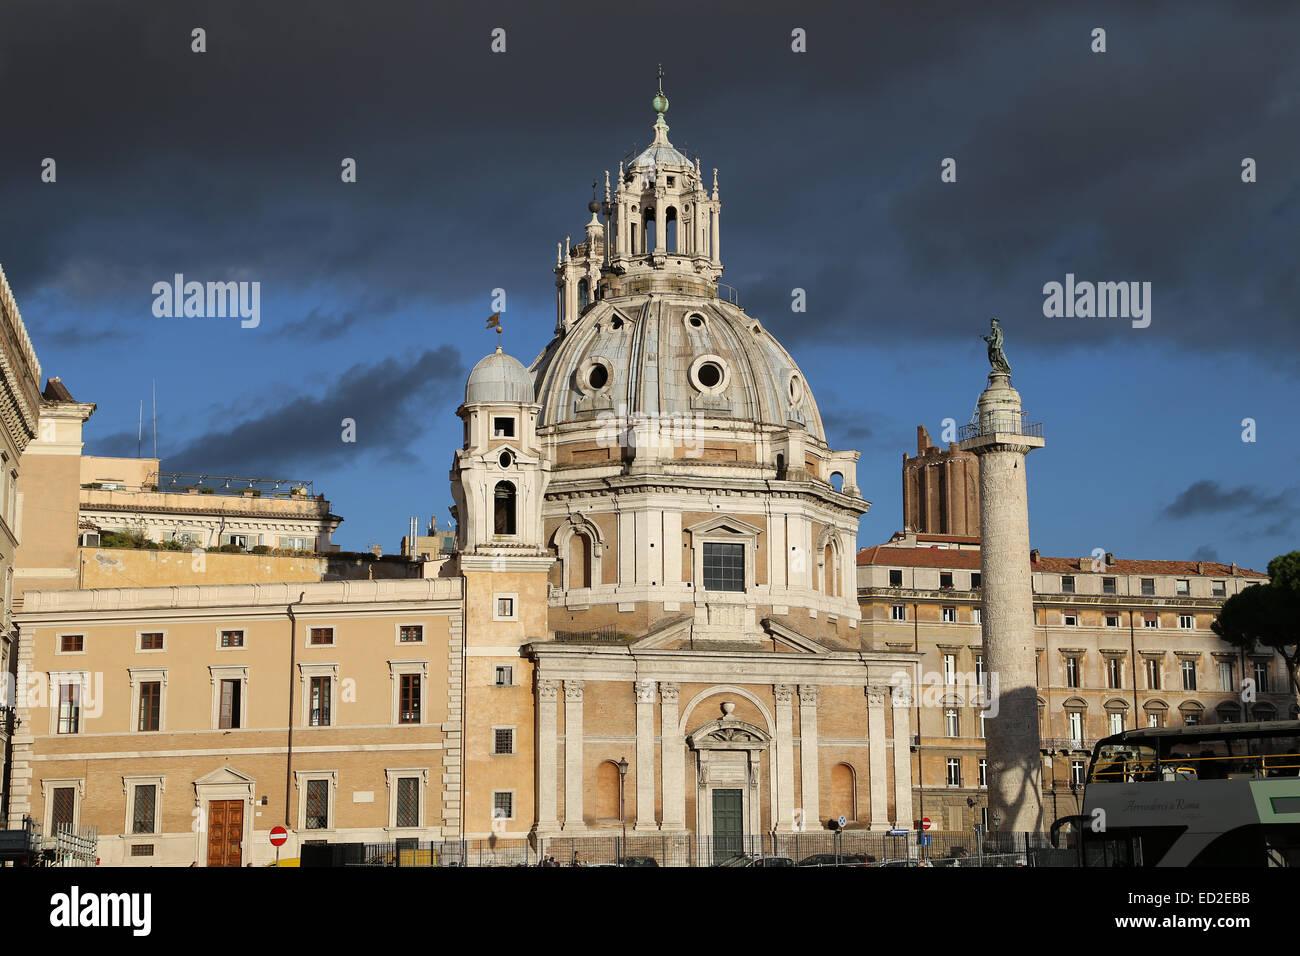 L'Italia. Roma. Colonna di Traiano e la chiesa di Santa Maria di Loreto. Il XVI secolo. Progettata da Antonio Immagini Stock